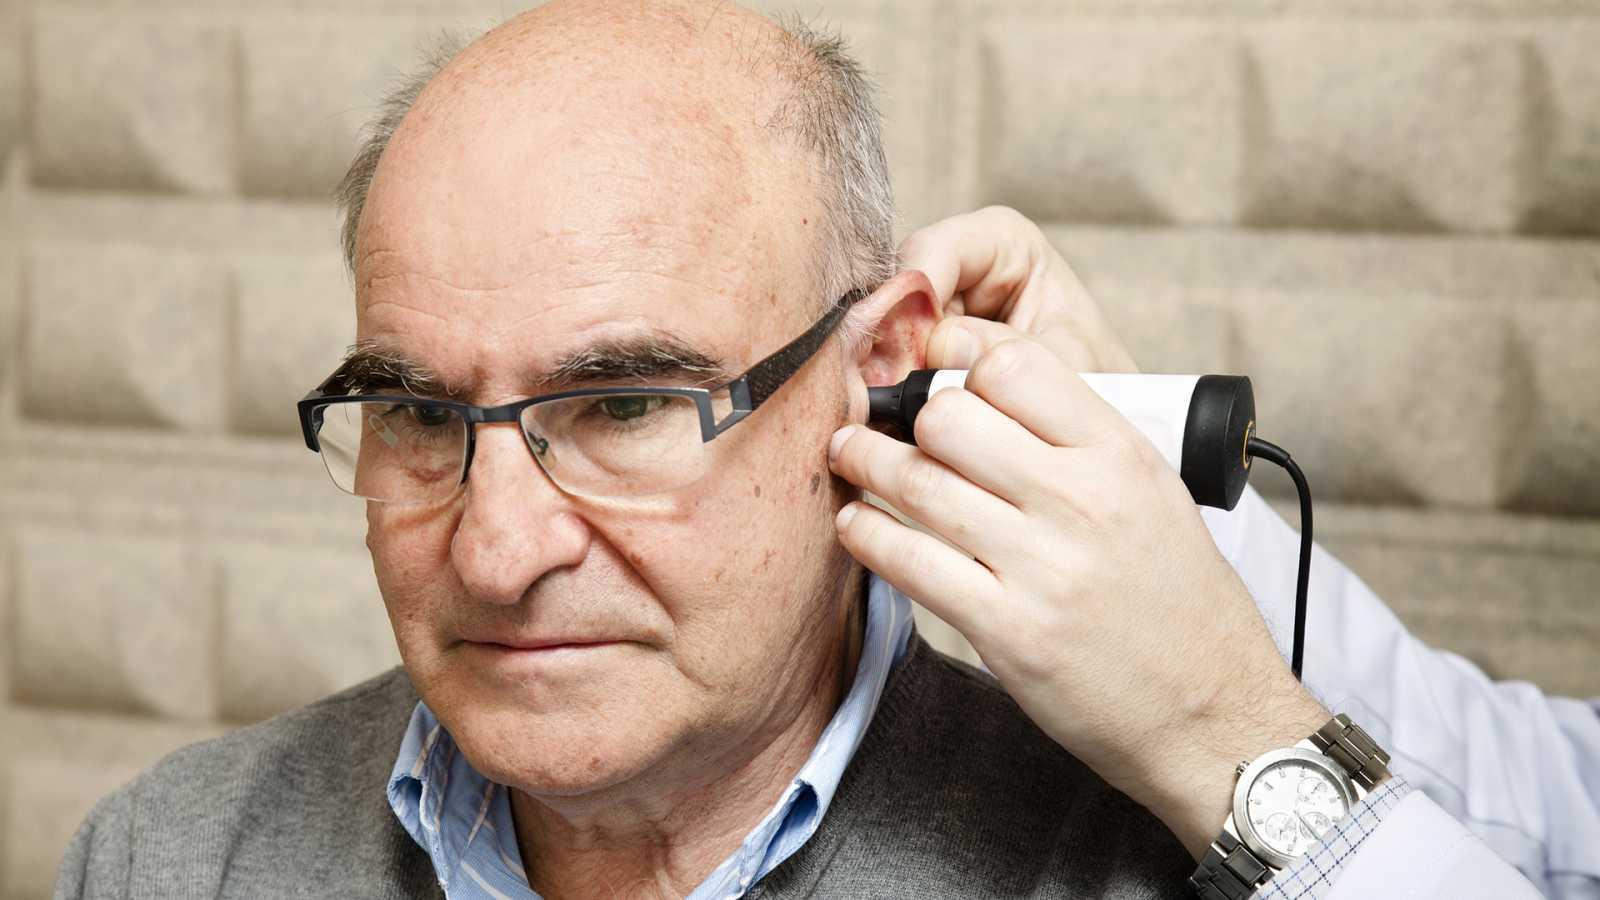 Marca España - Investigaciones en España en torno a la pérdida auditiva - 01/12/20 - Escuchar ahora